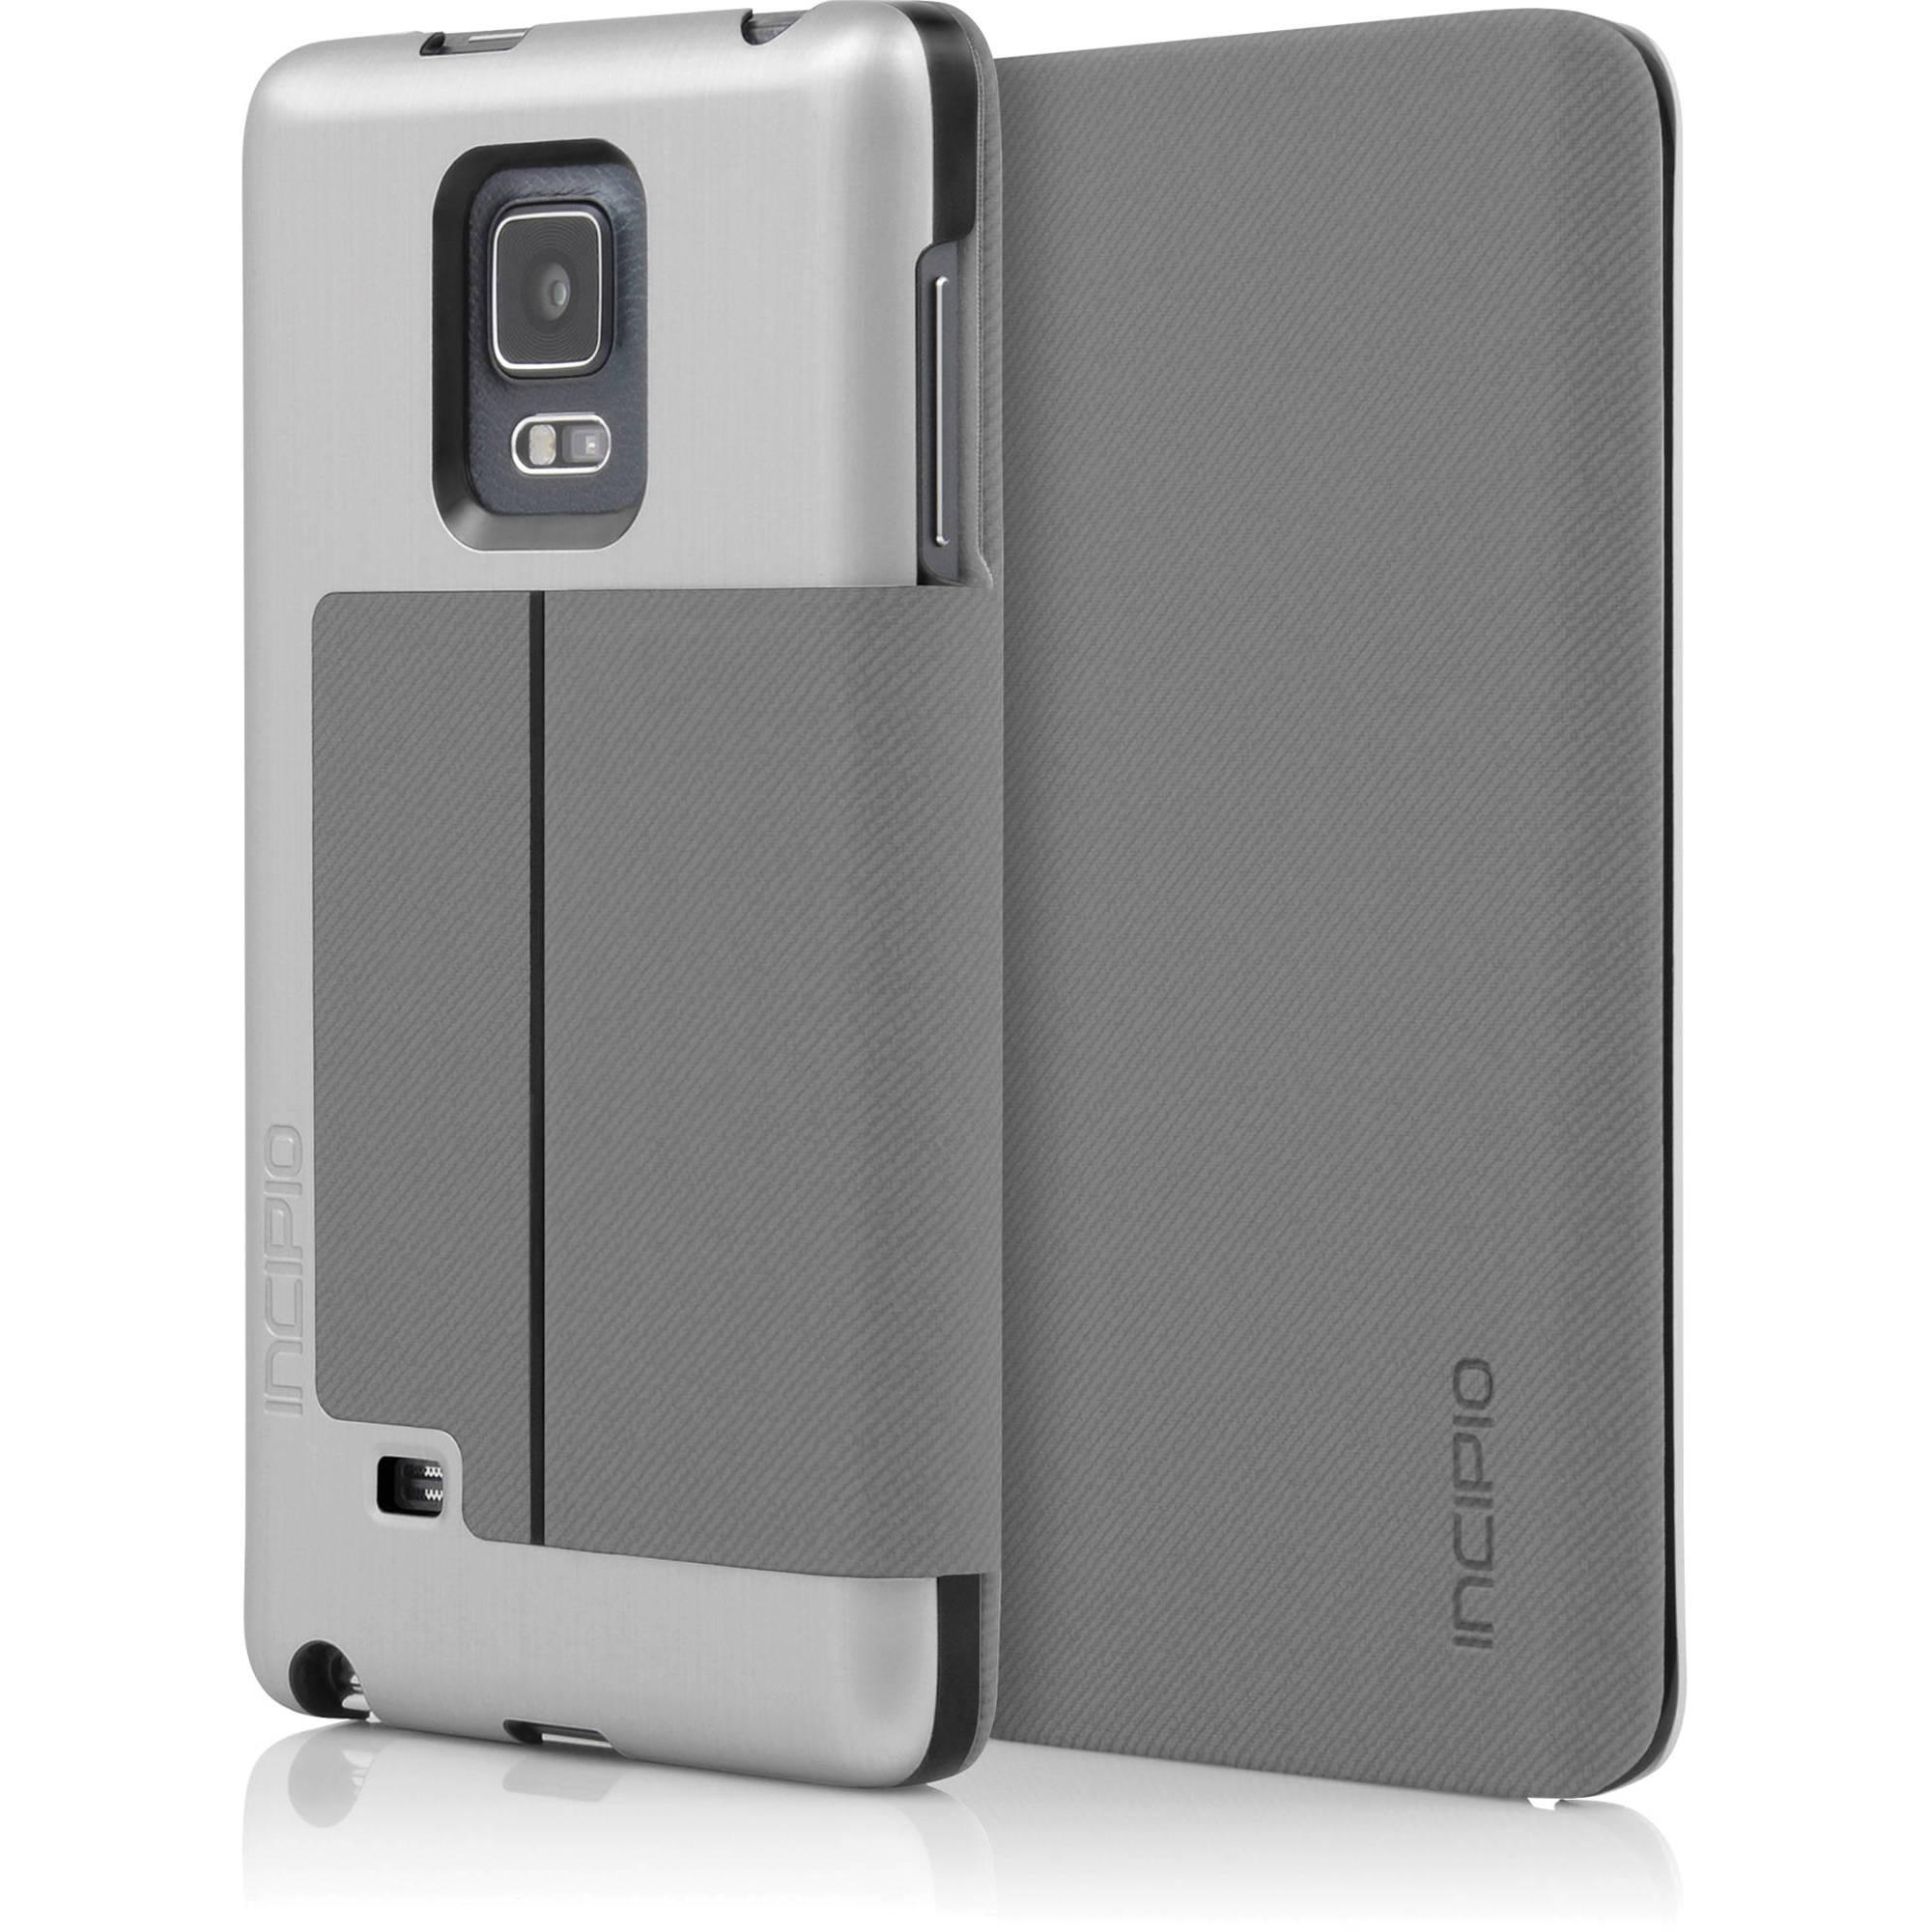 cheaper a62da b732a Incipio Highland Folio Case for Galaxy Note edge (Silver/Charcoal)